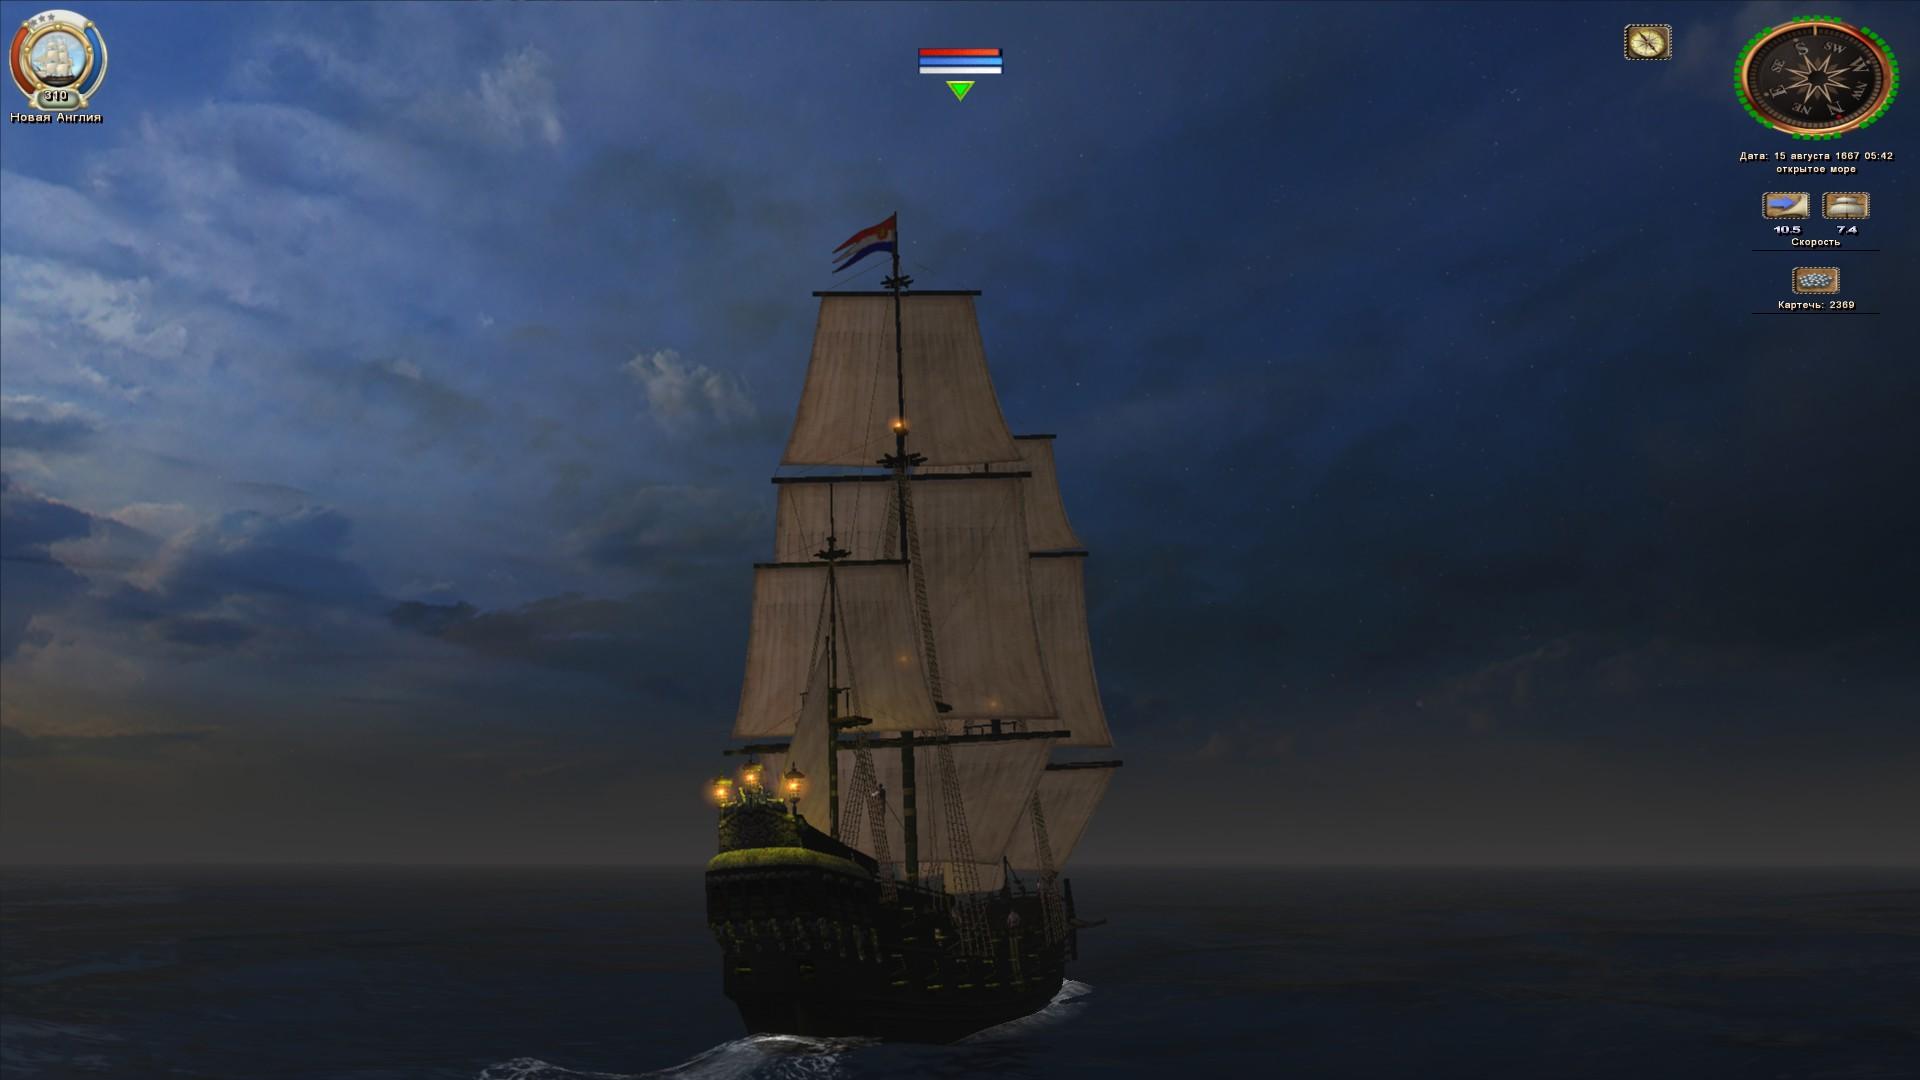 celebrando mi ascenso a almirante 2810